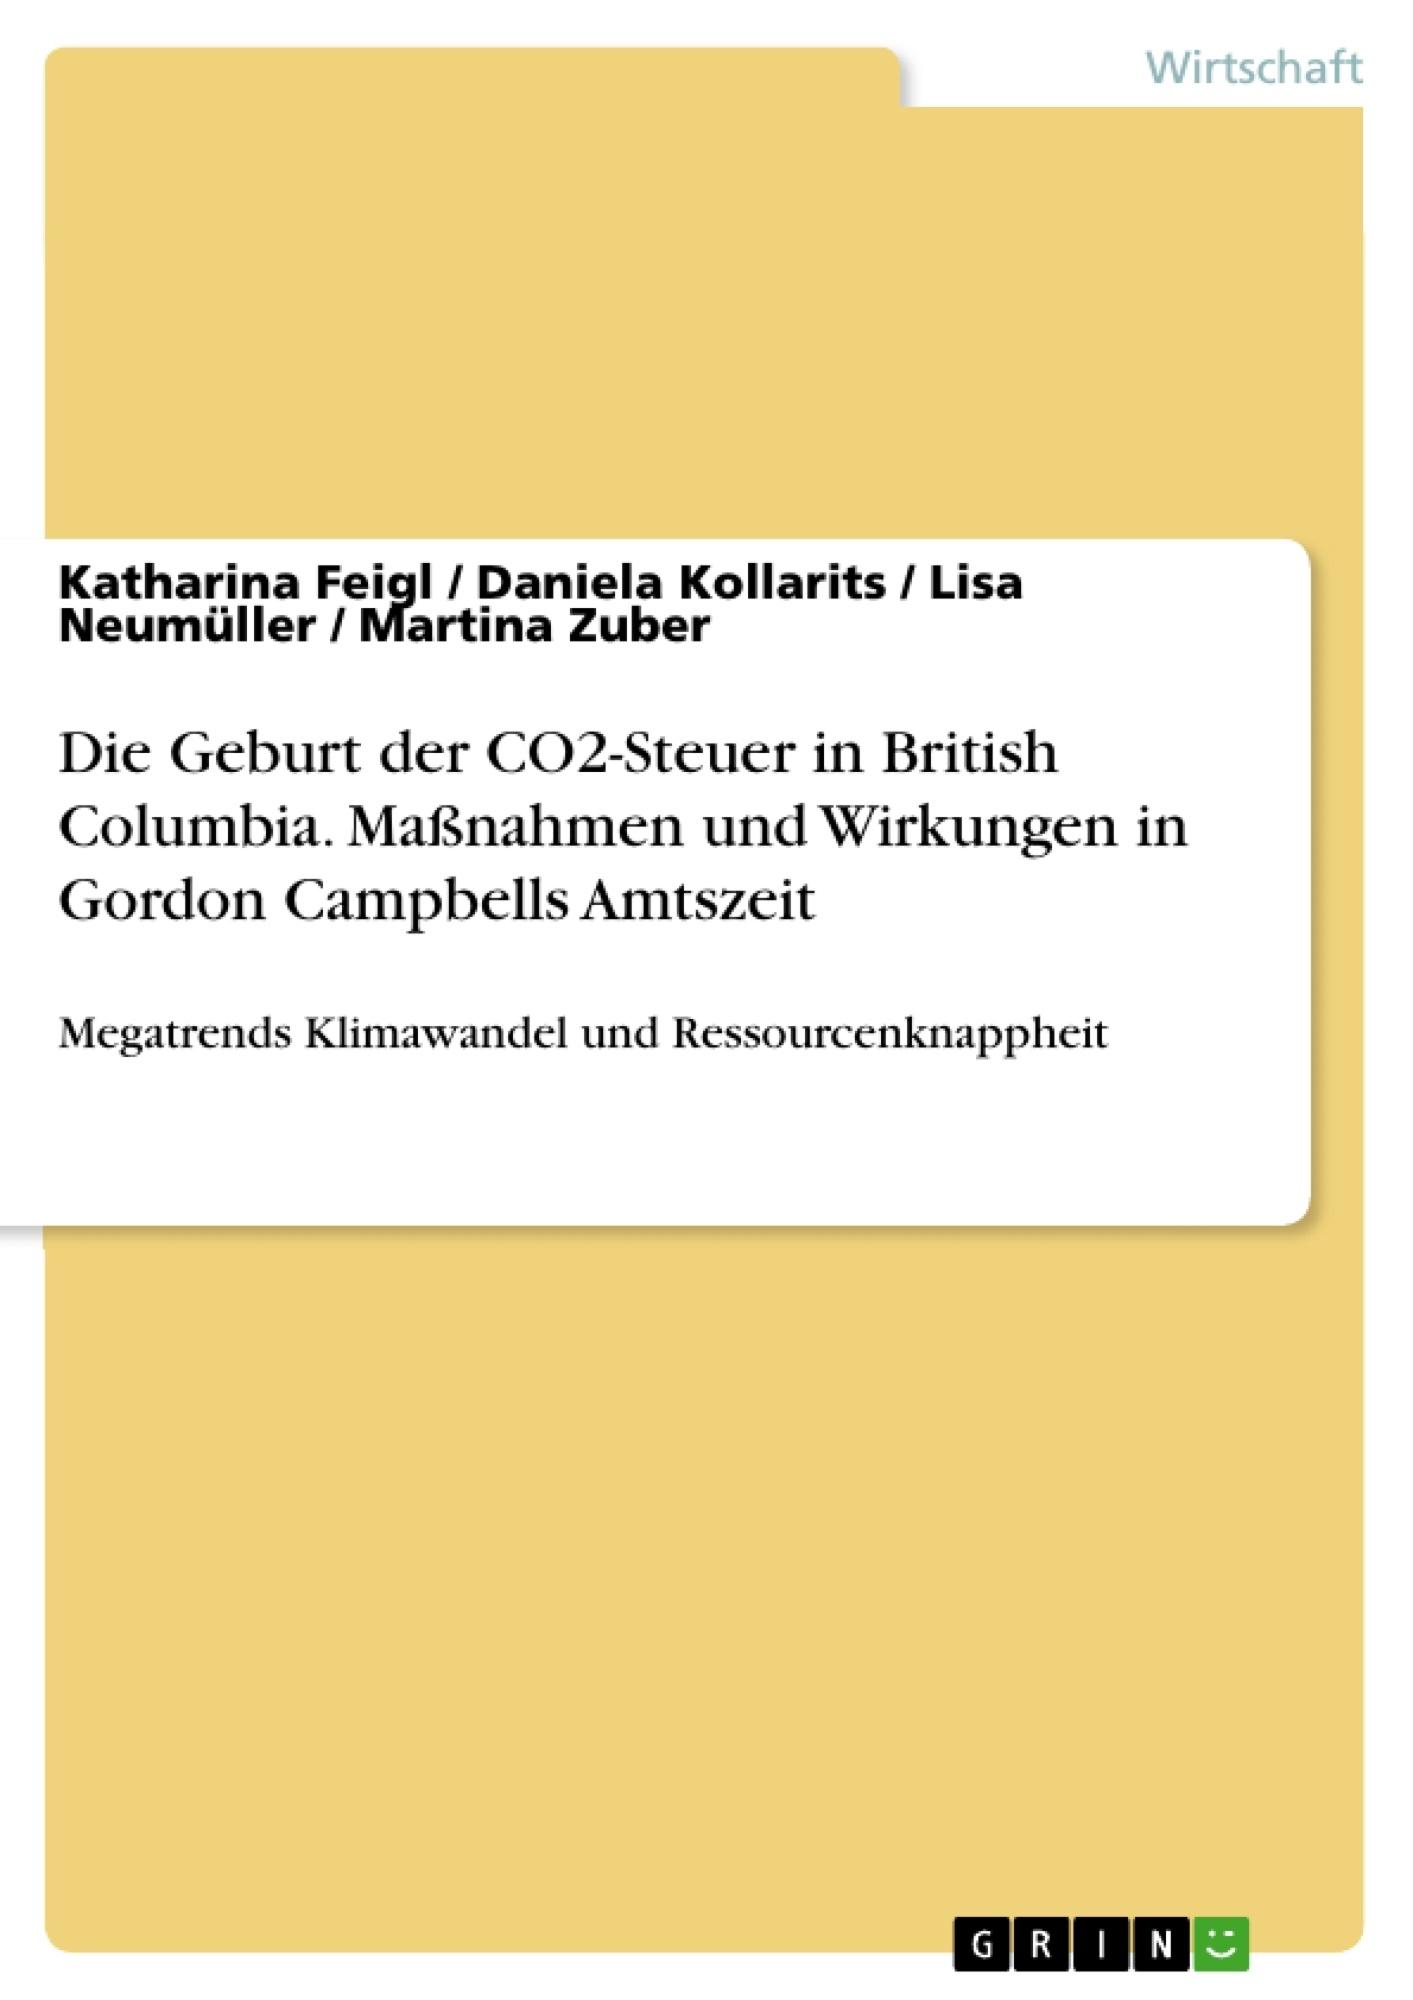 Titel: Die Geburt der CO2-Steuer in British Columbia. Maßnahmen und Wirkungen in Gordon Campbells Amtszeit